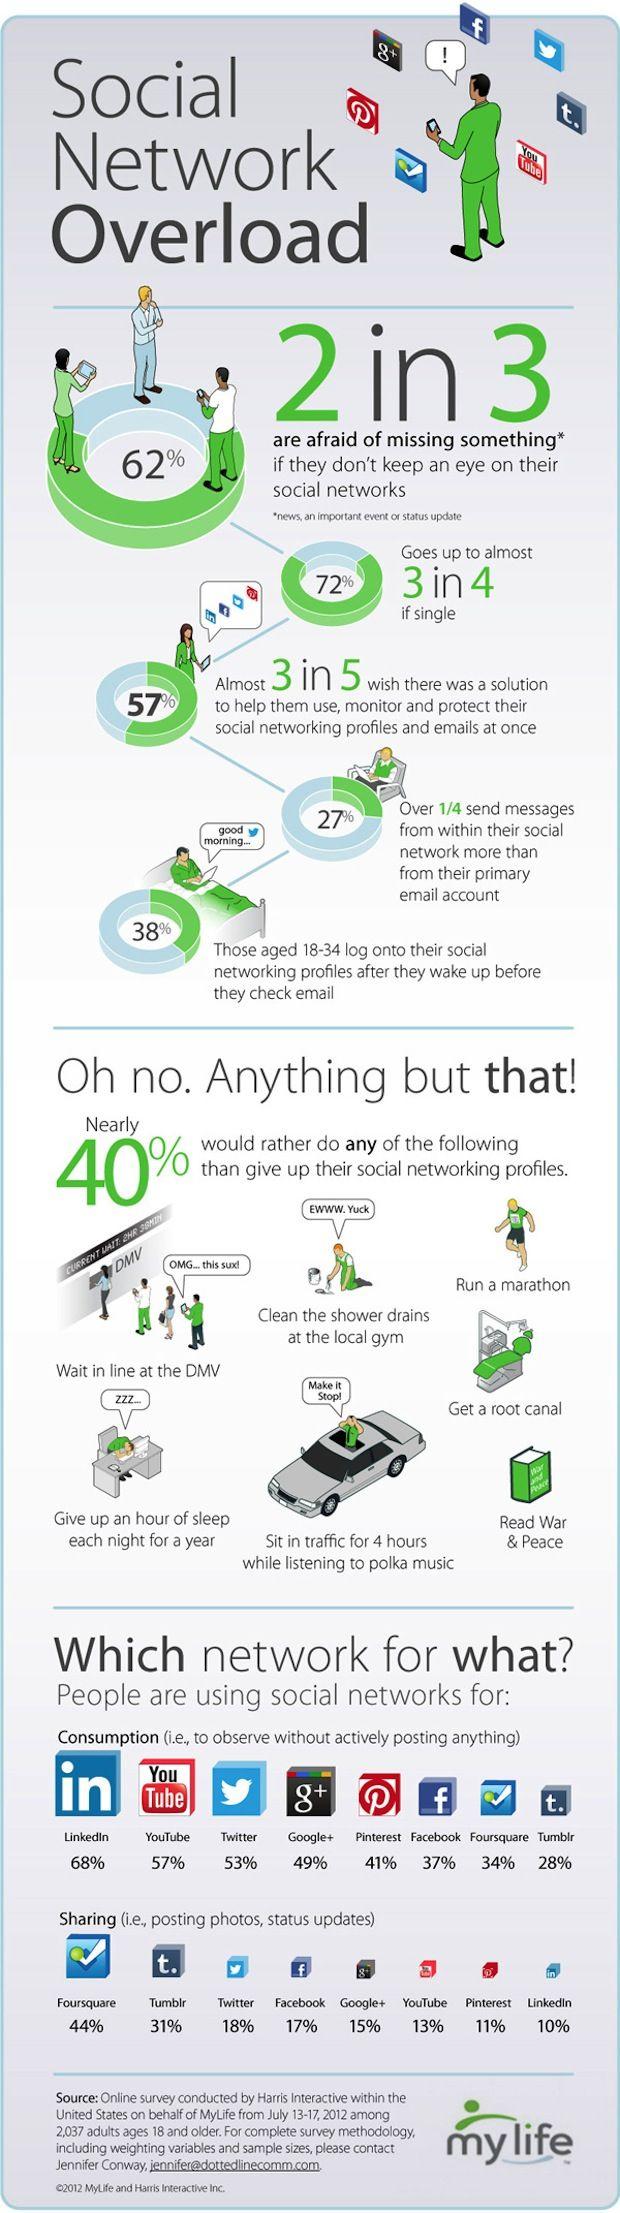 Kun je in deze tijd van informatieoverload je verhaal vertellen op social media? - Storytelling Matters | Platform voor Storytelling